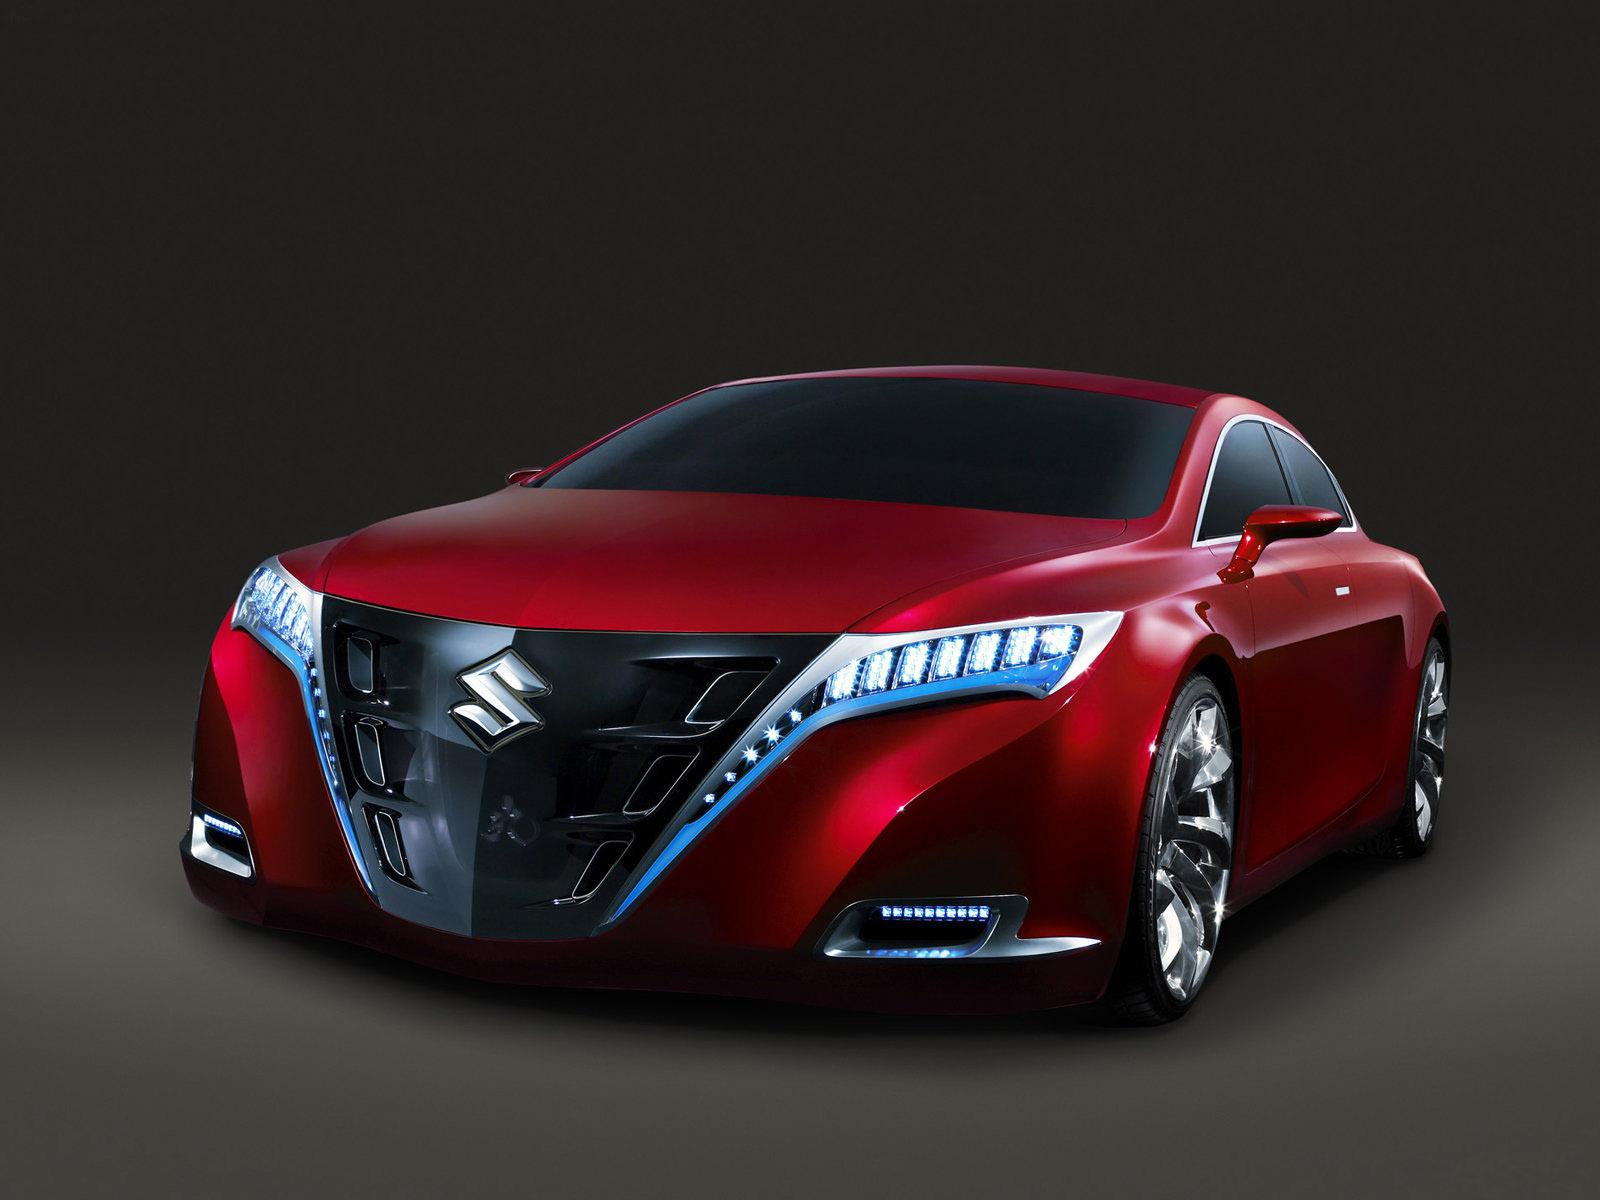 Picture Suzuki - Cars automobile auto Cars